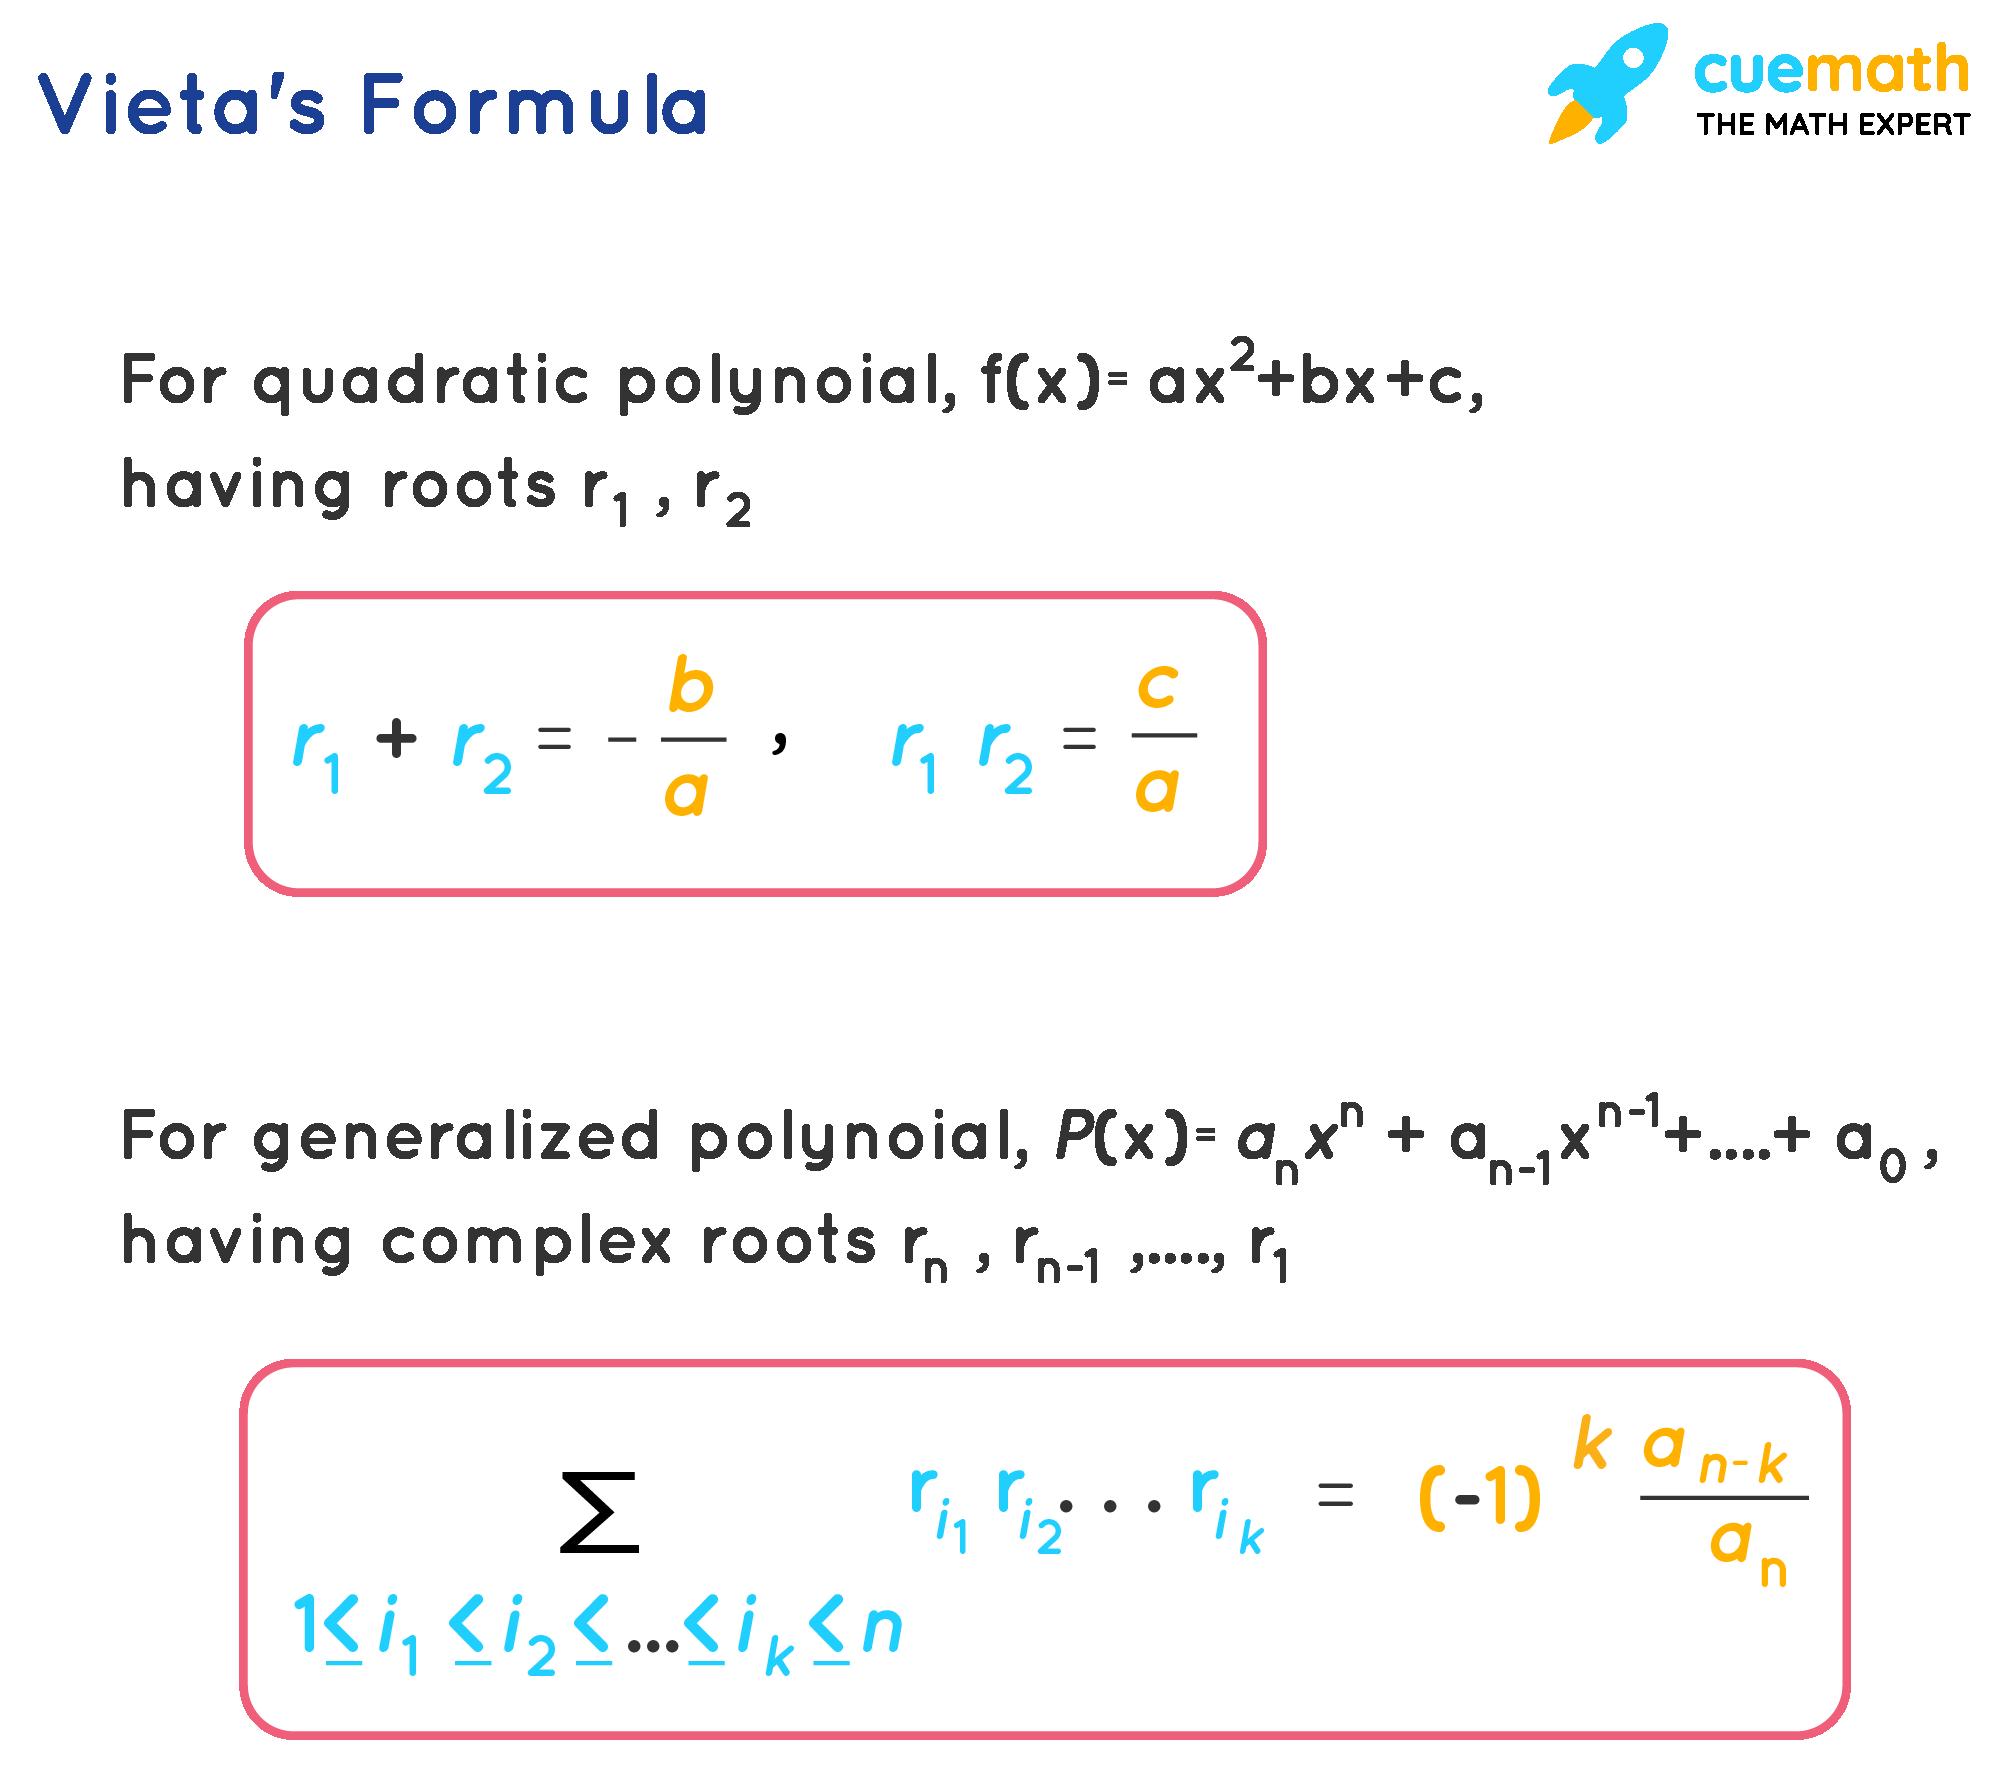 vieta's formula